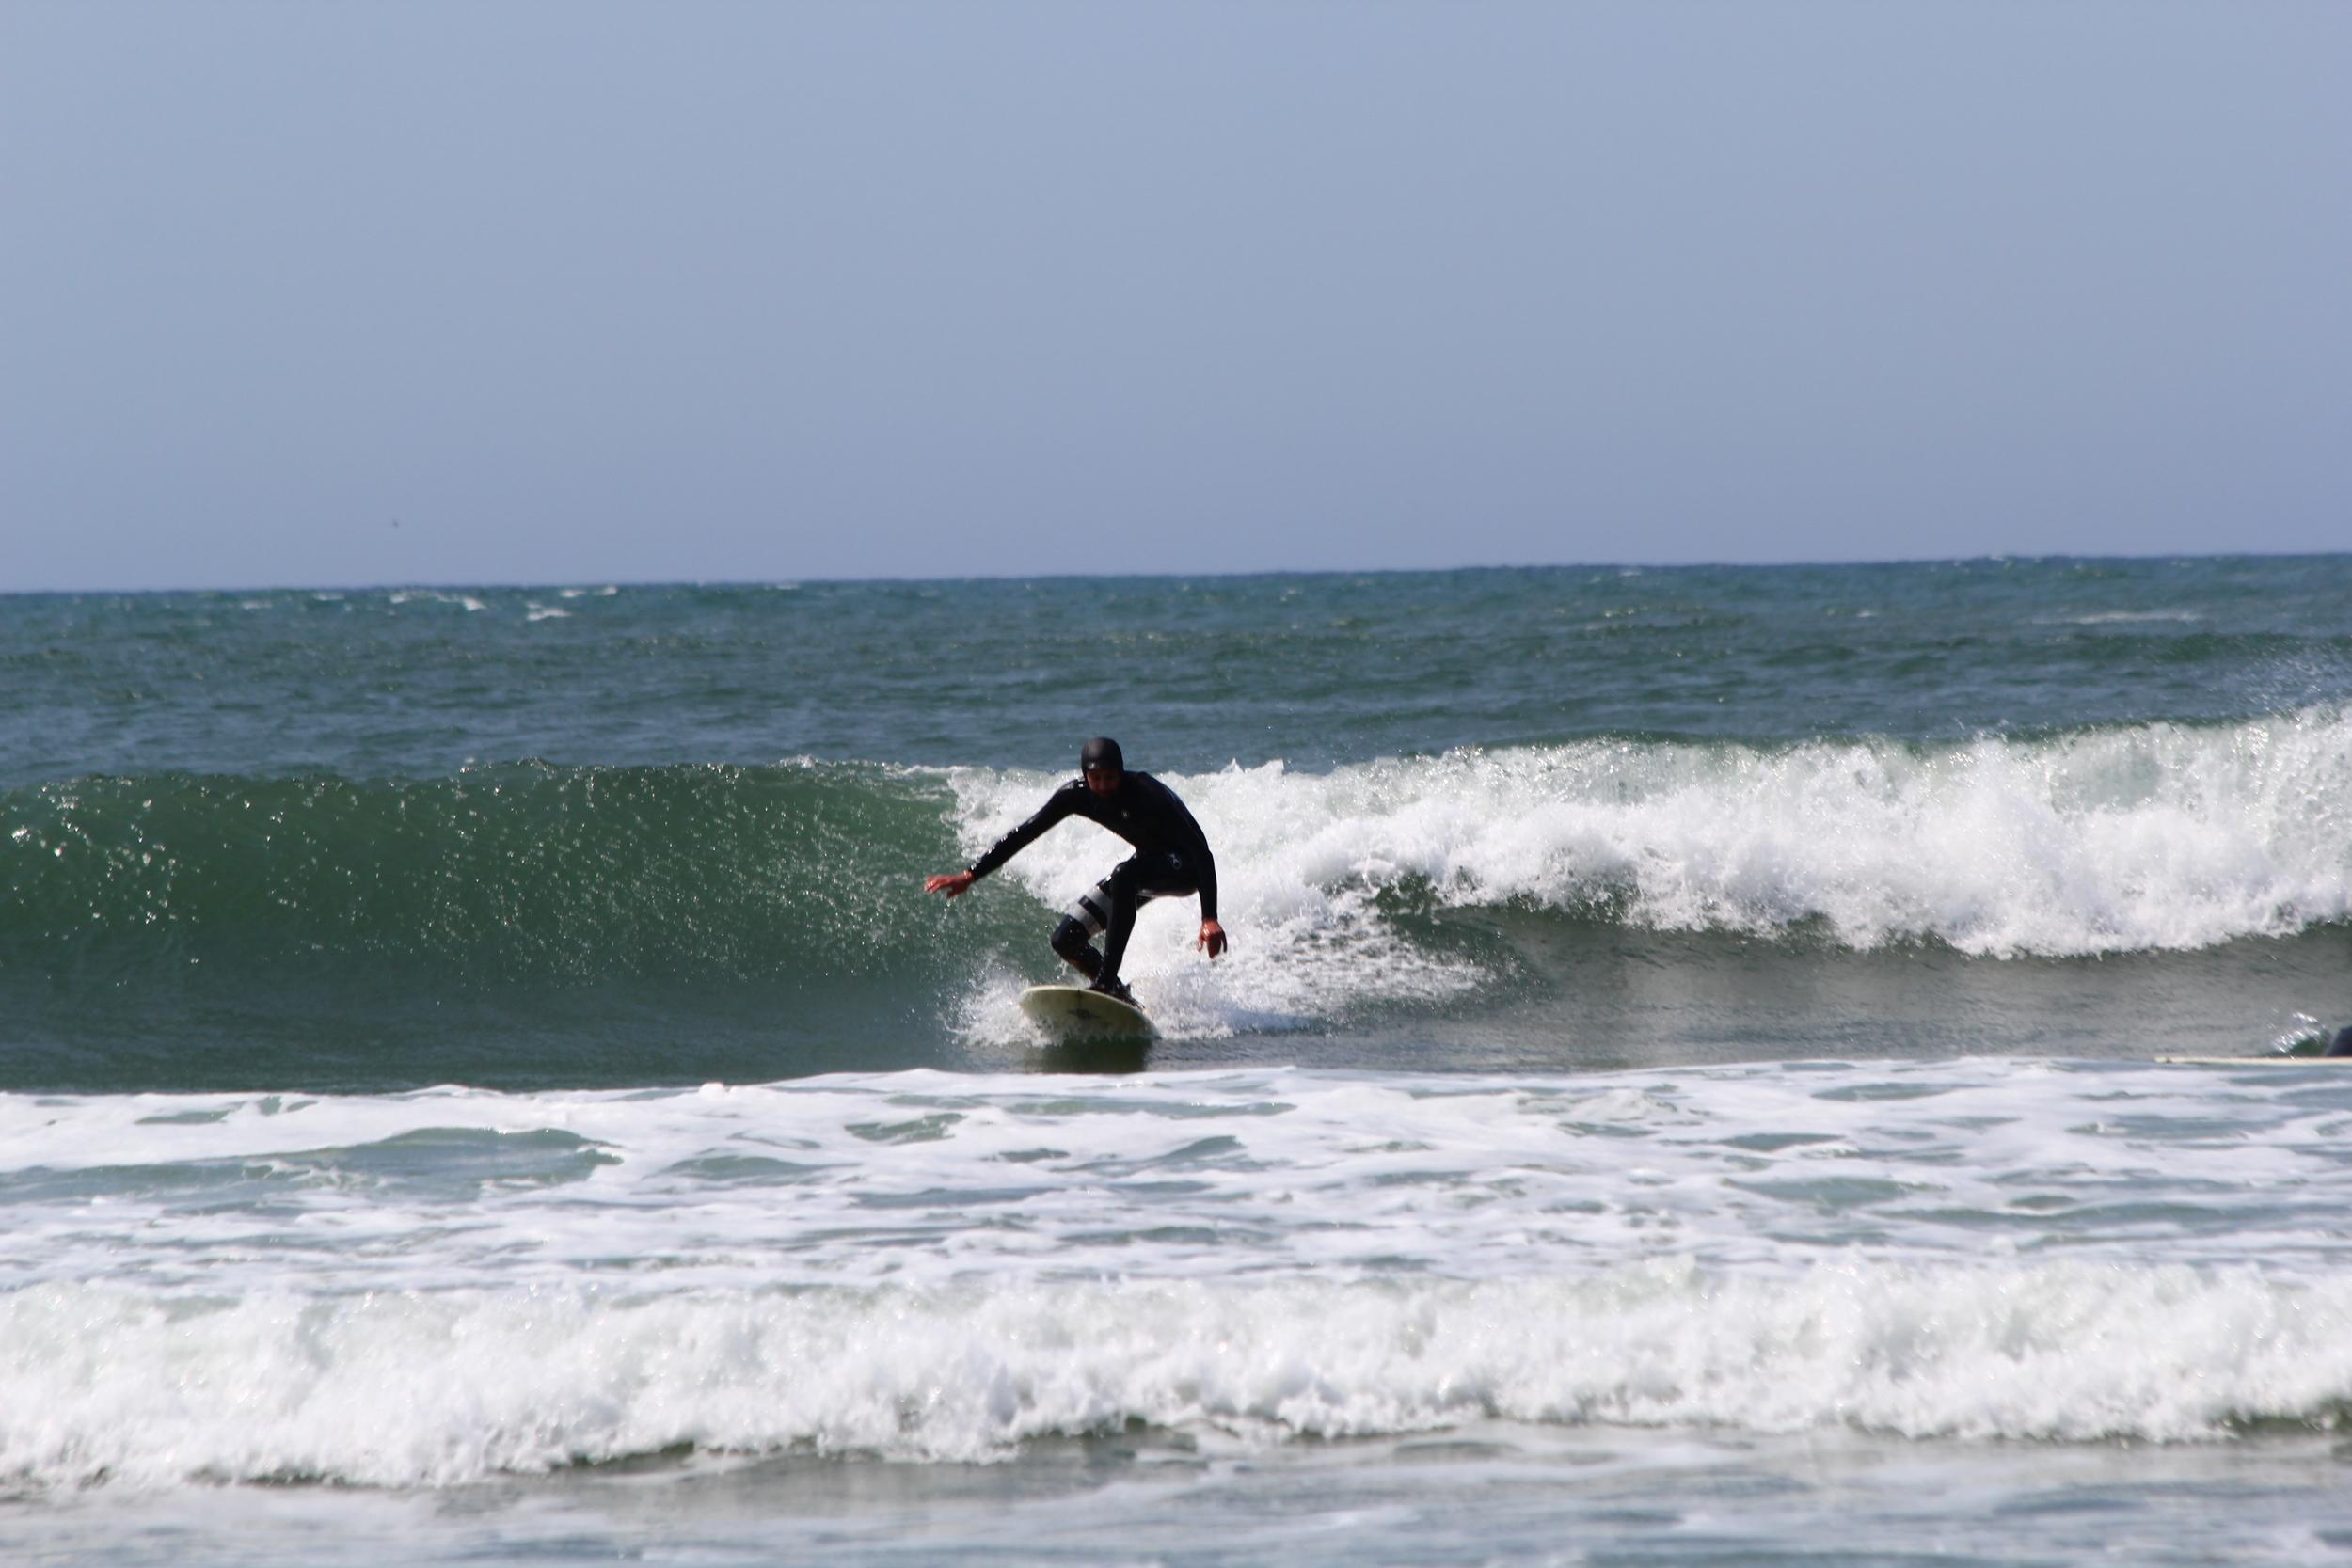 SURFING SHORT SANDS BEACH OREGON